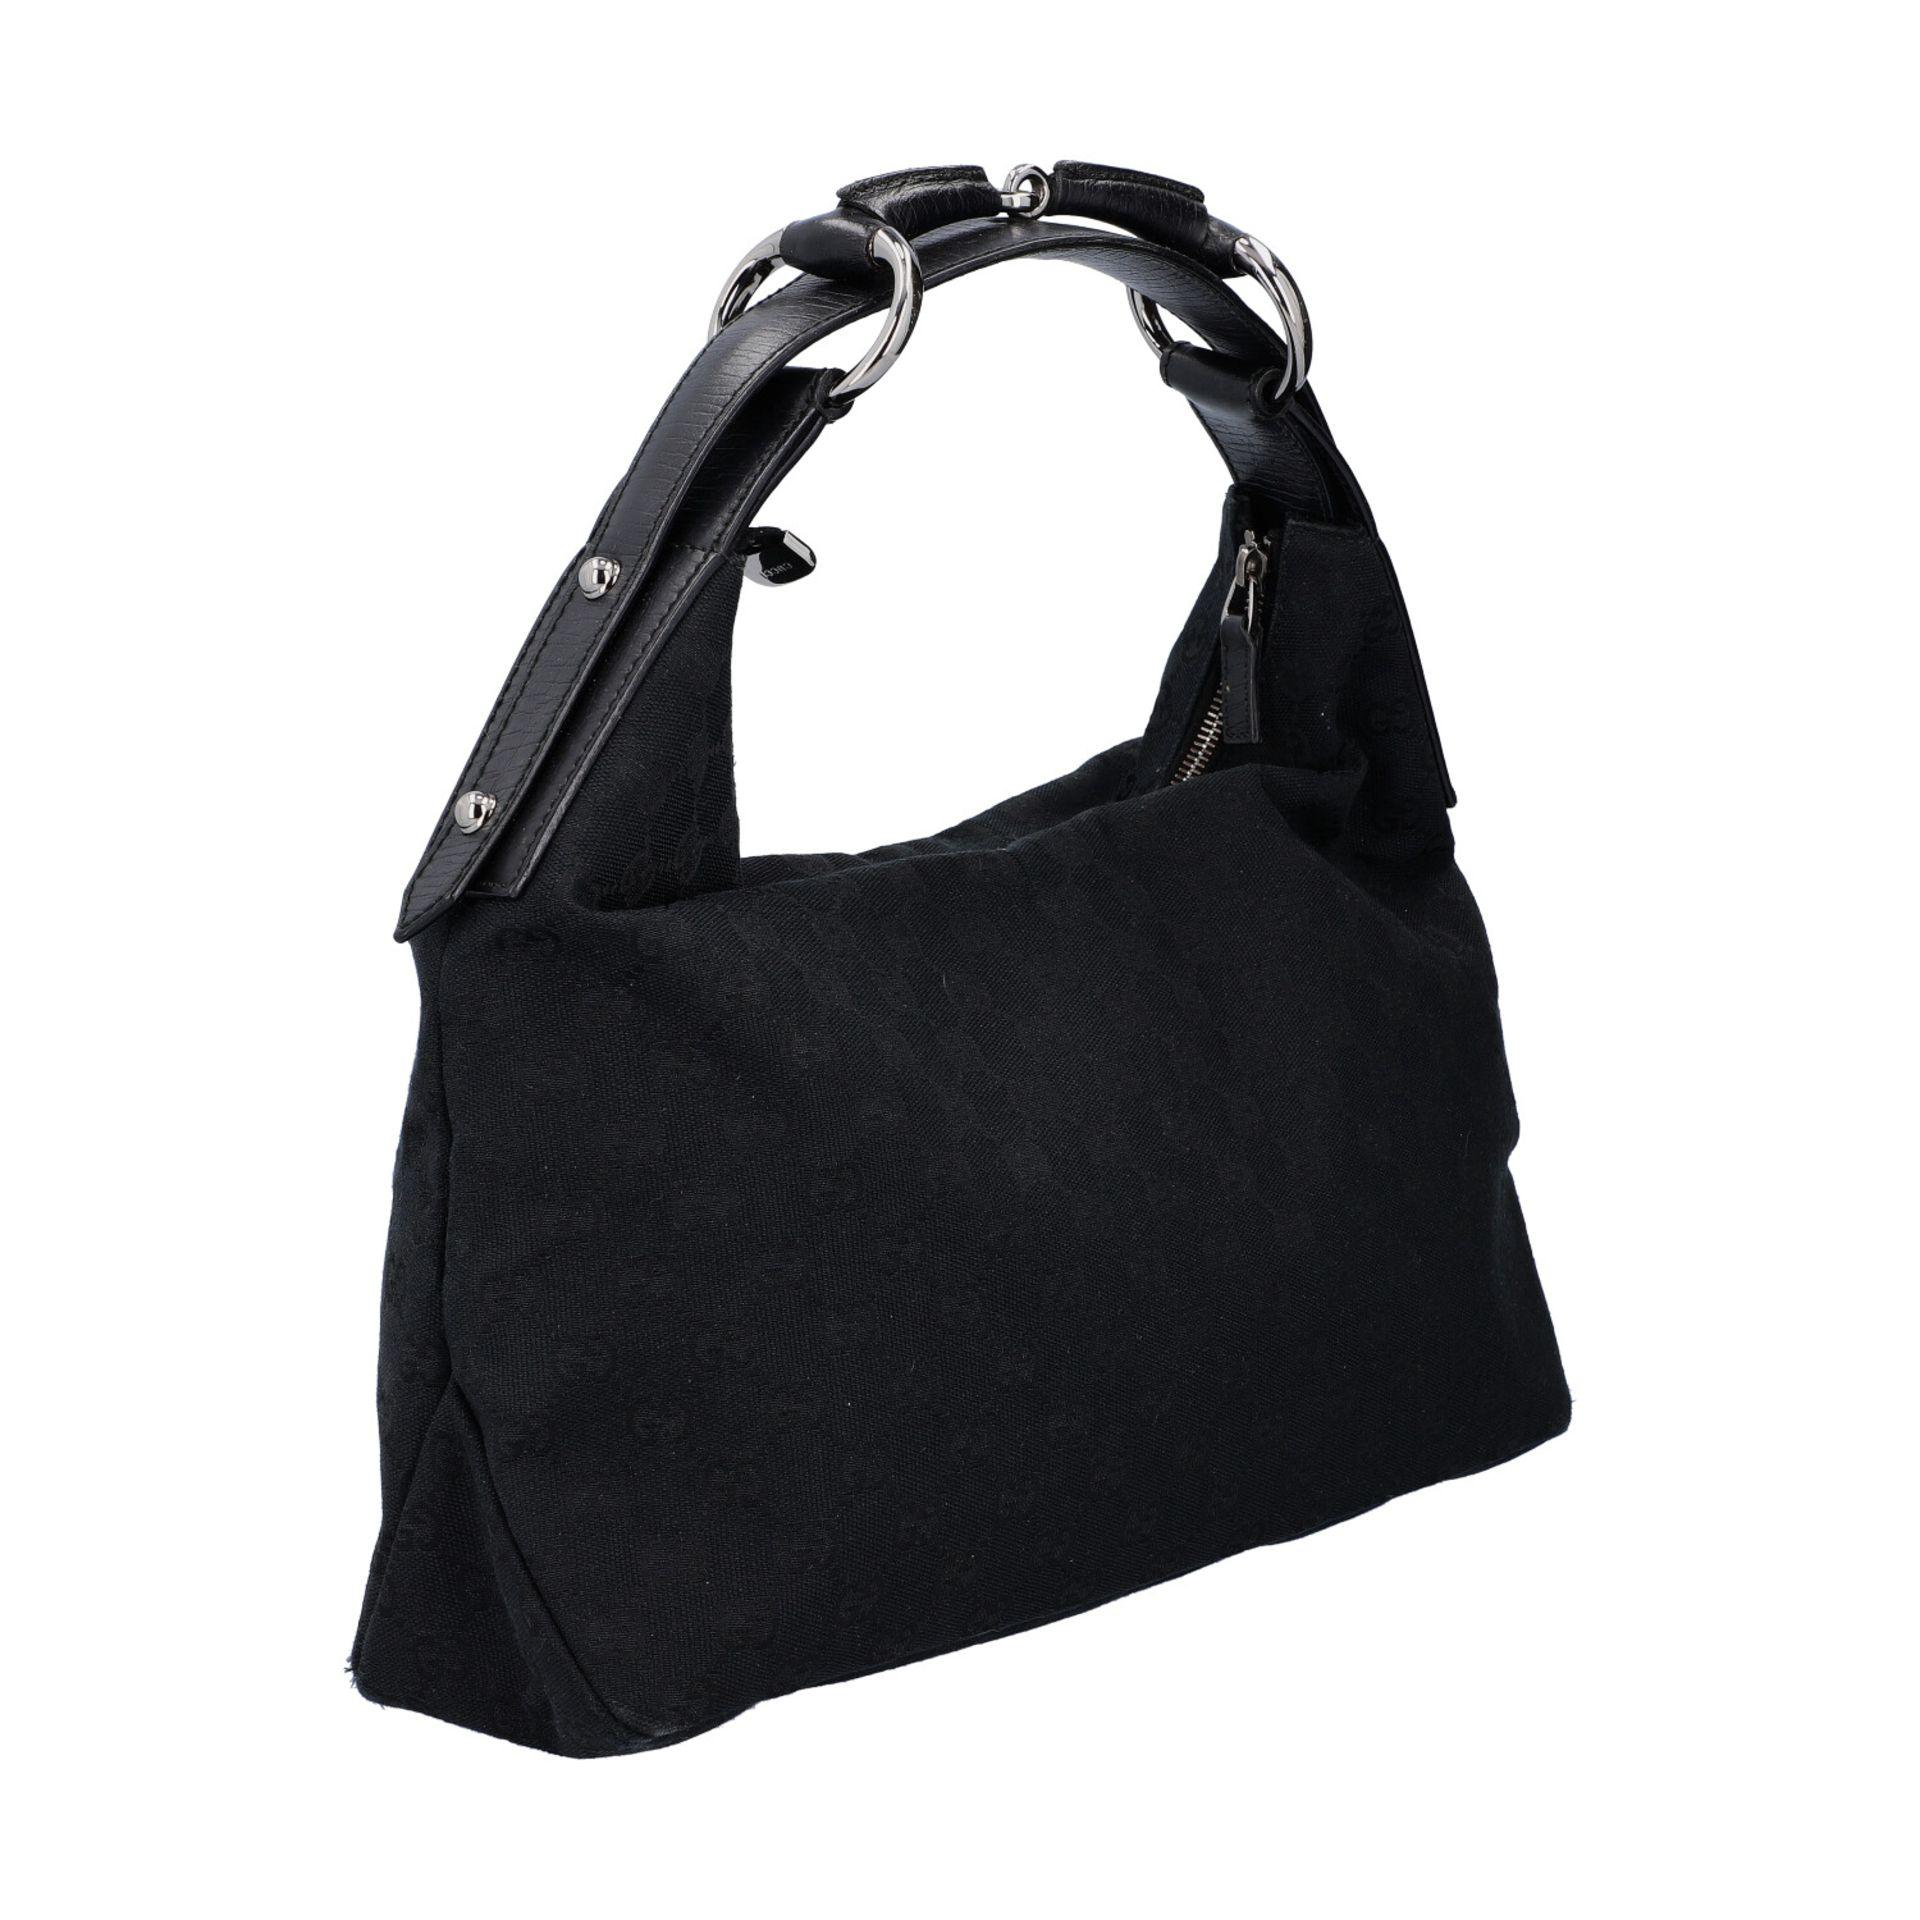 GUCCI Handtasche. Guccissima Design auf schwarzem Textil mit silberfarbener Hardware, - Image 2 of 8